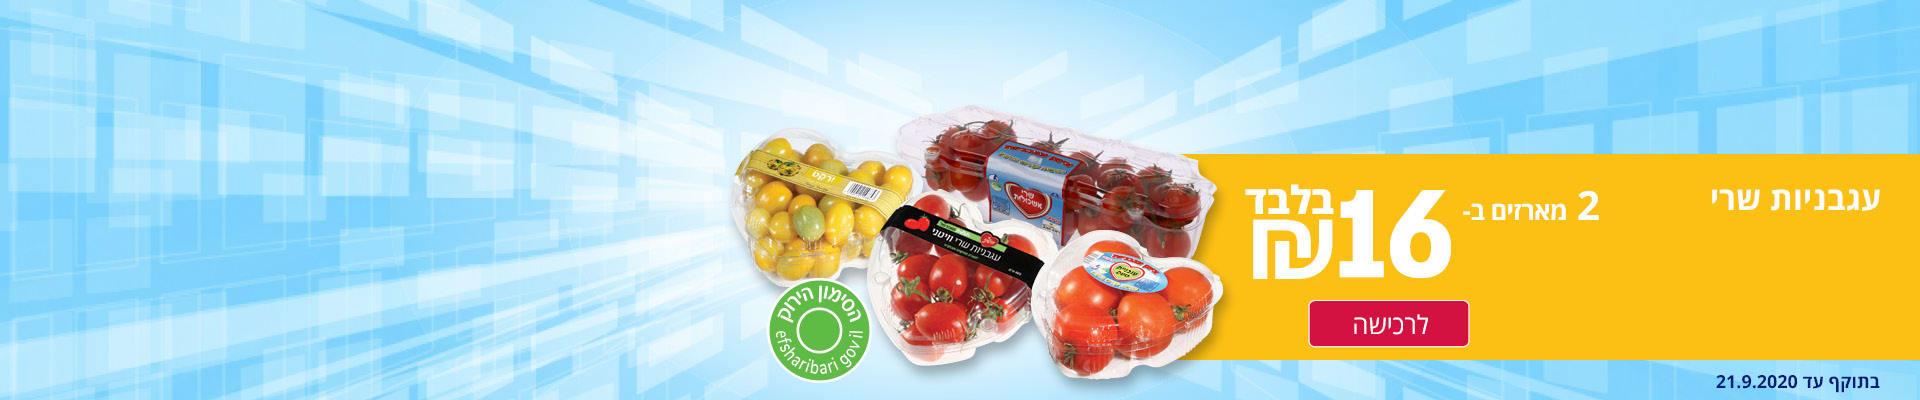 """עגבניות שרי 2 ב- 16 ש""""ח. בתוקף עד 21.9.2020"""